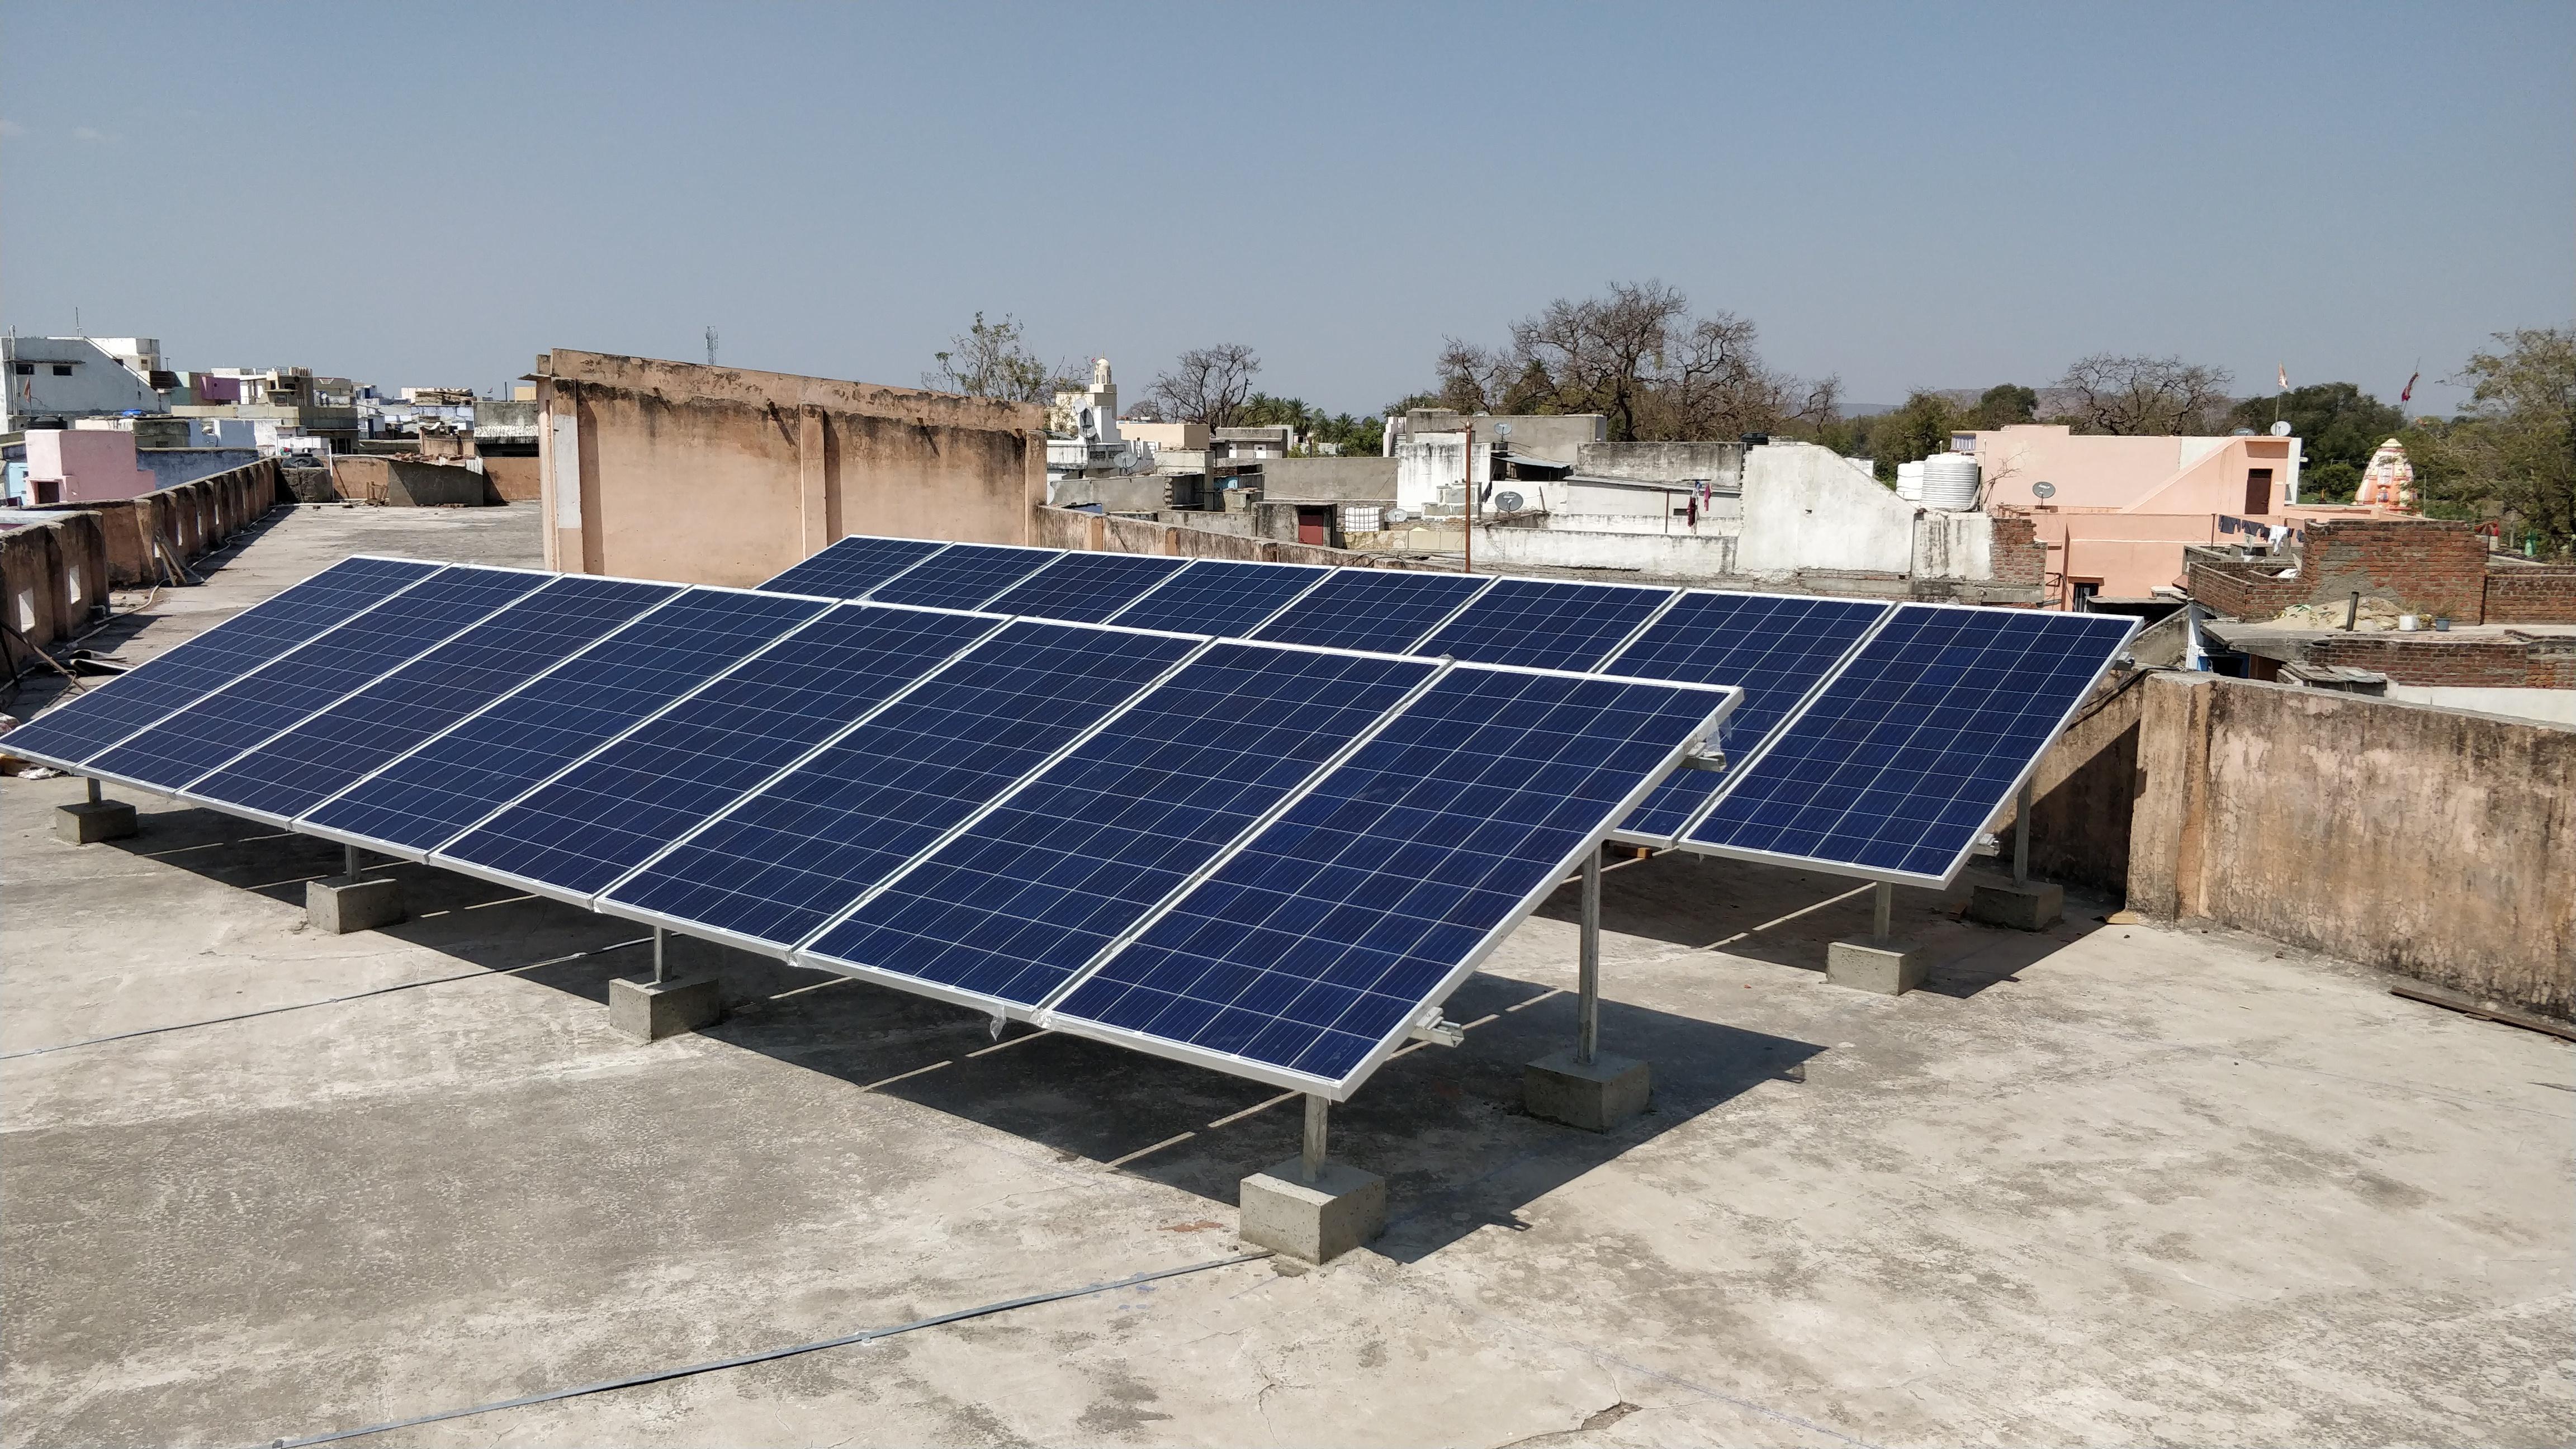 सौर उर्जा से अधिक बिजली बनने पर ग्रिड पर पहुंचेगी विद्युत